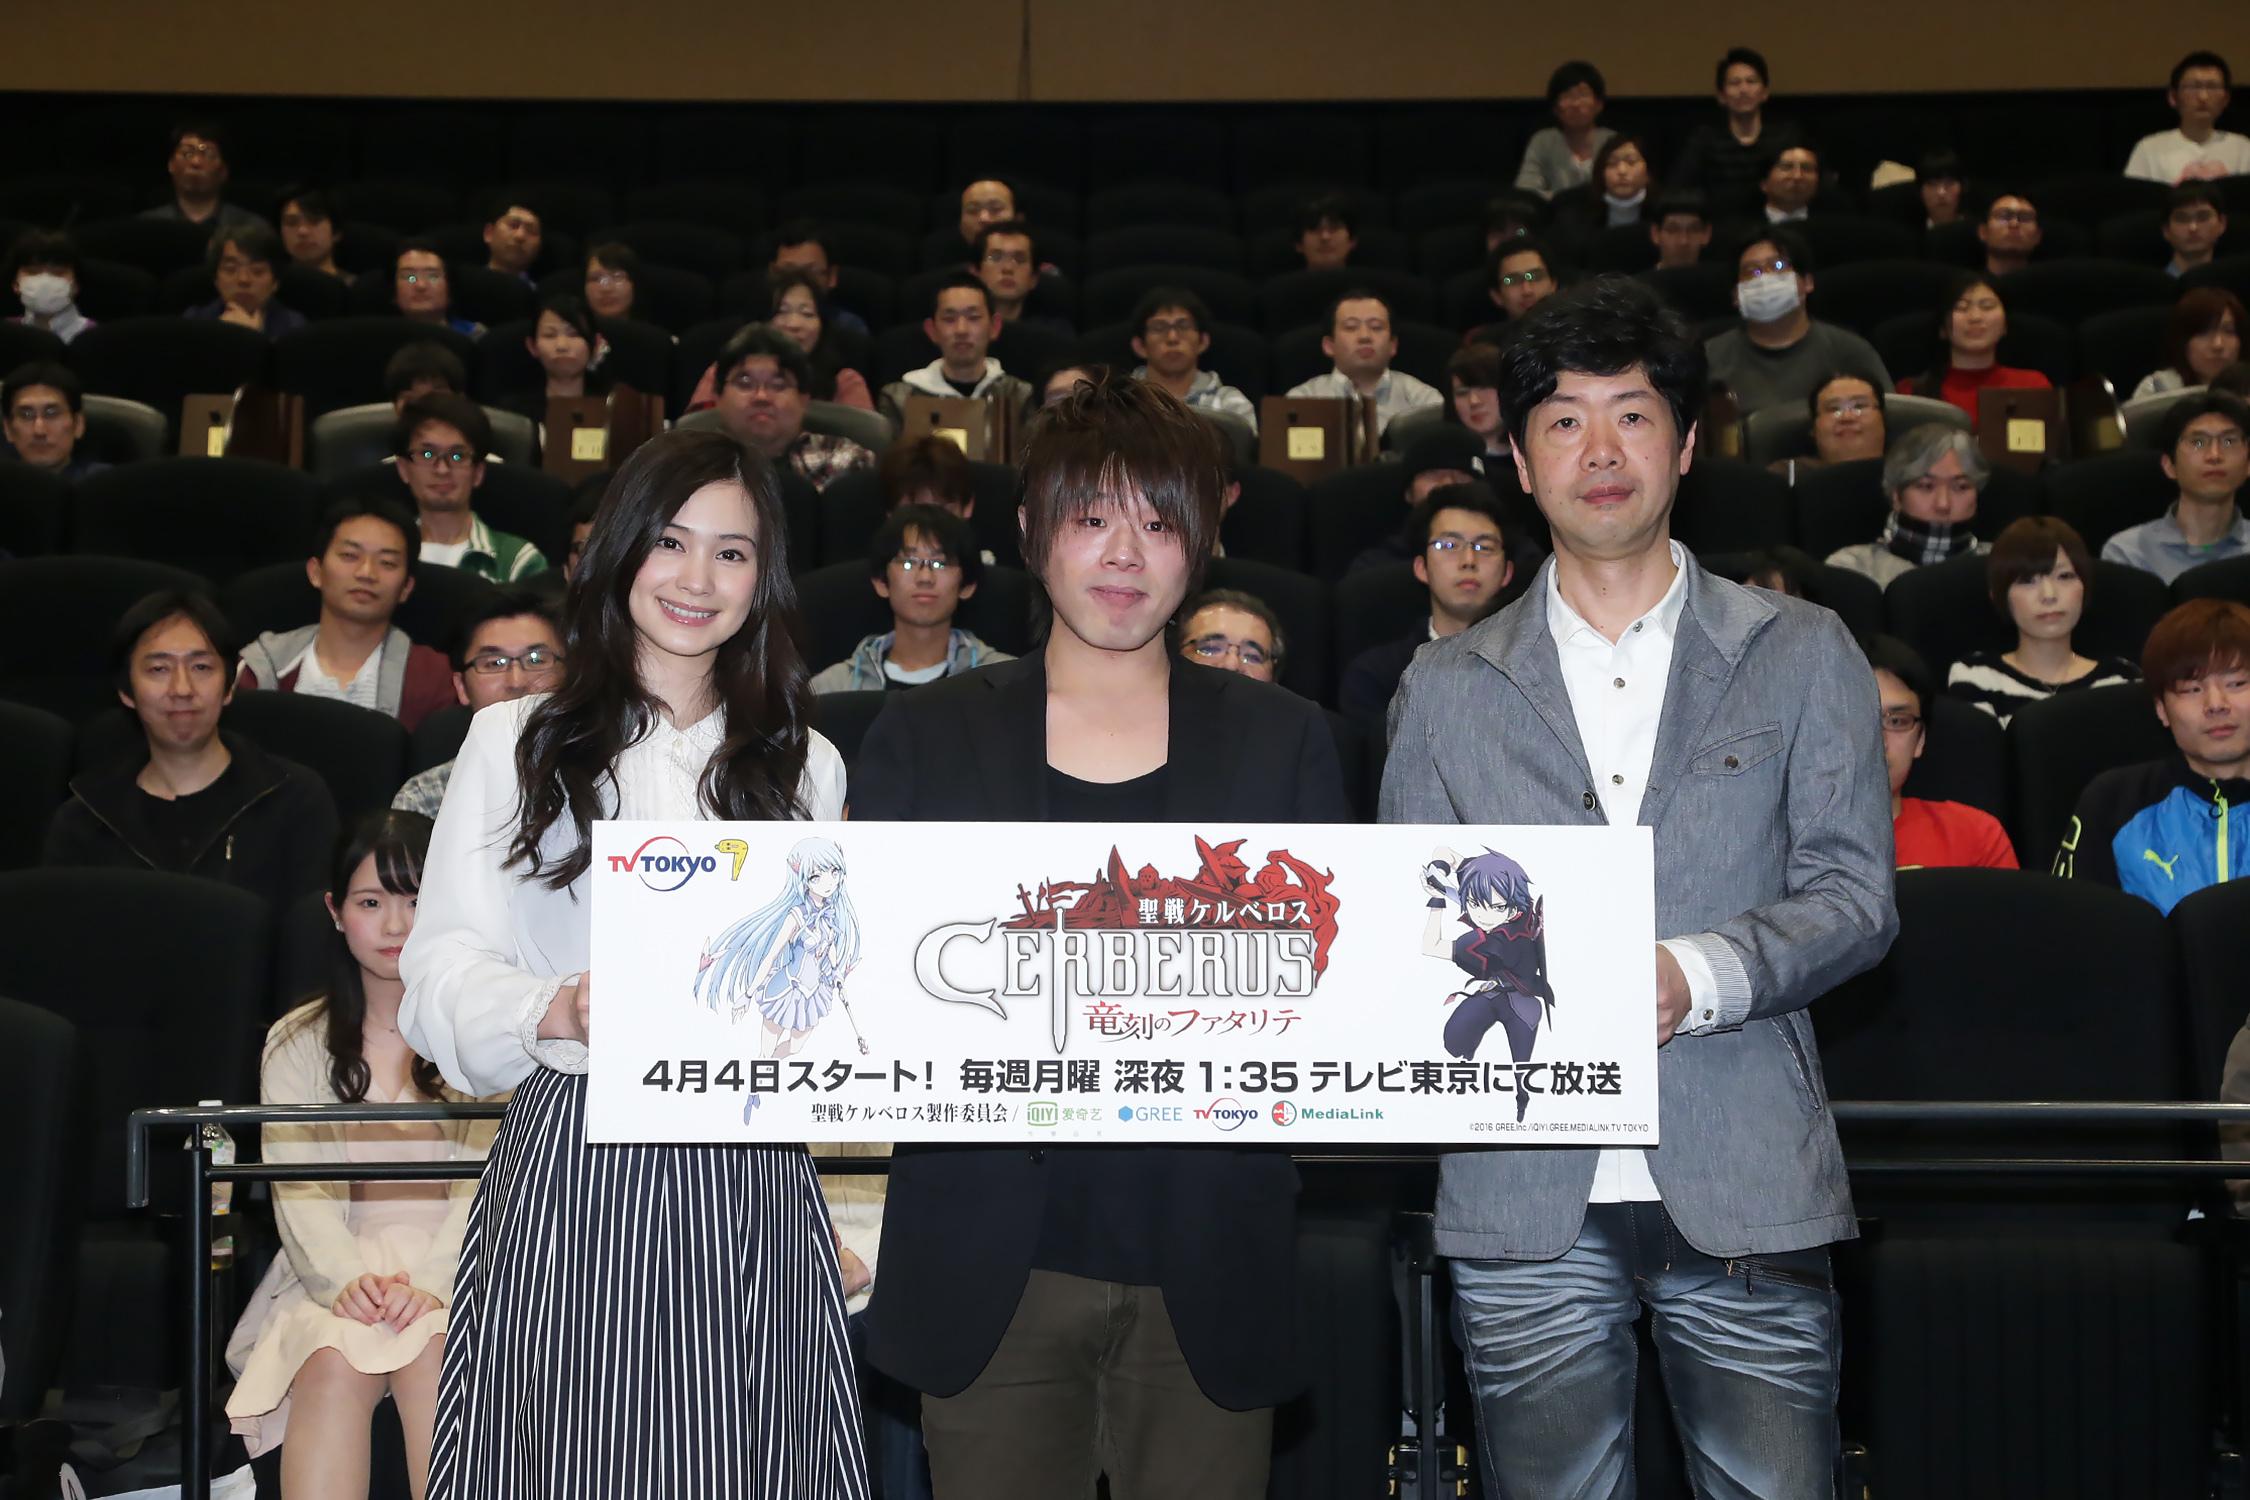 (写真左から)M・A・O、松岡禎丞、近藤信宏監督 TVアニメ「聖戦ケルベロス 竜刻のファタリテ」